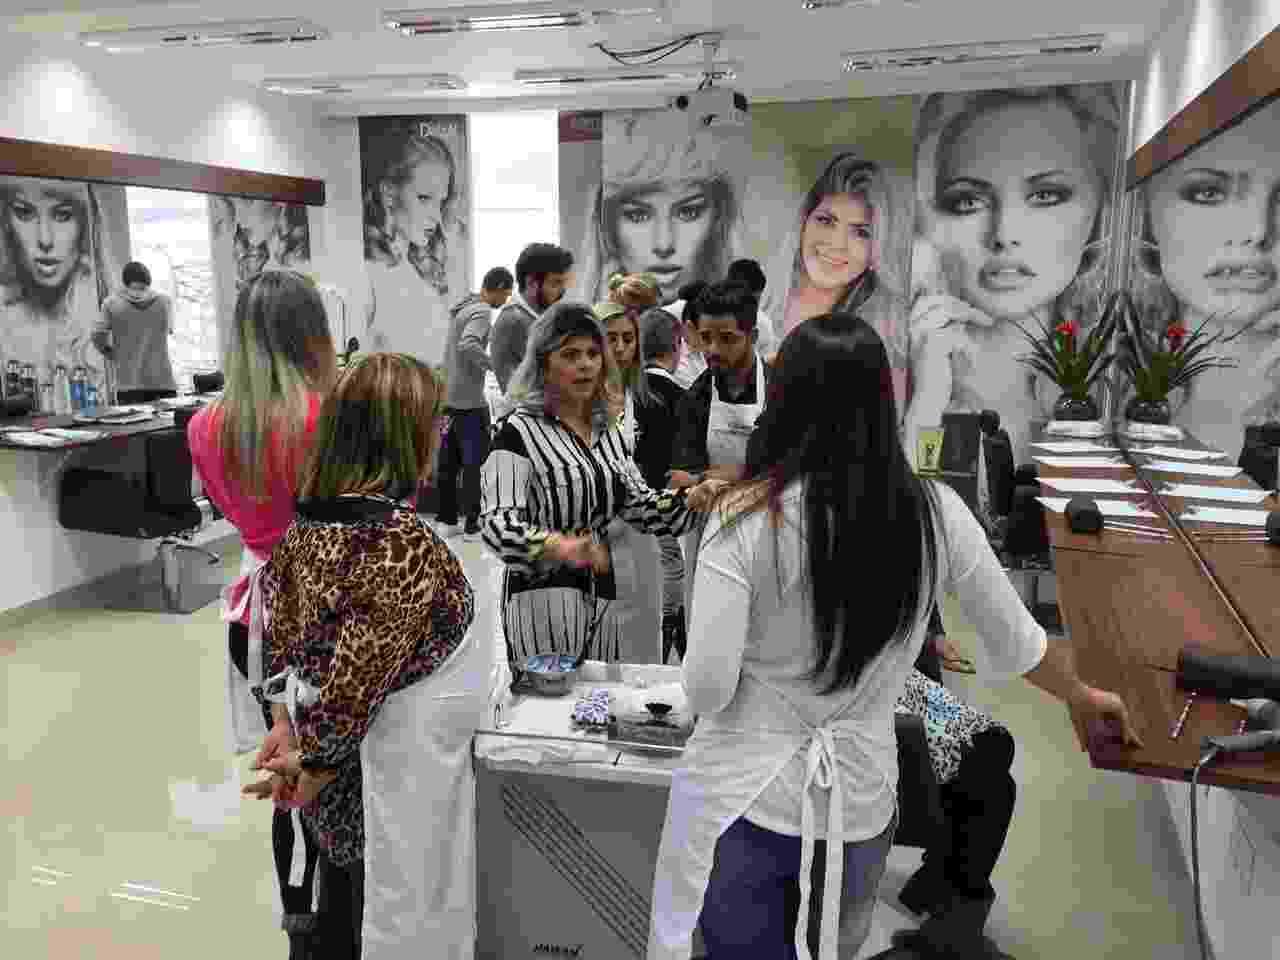 Studio Lins é um salão especializado em cabelos de loiras - Divulgação